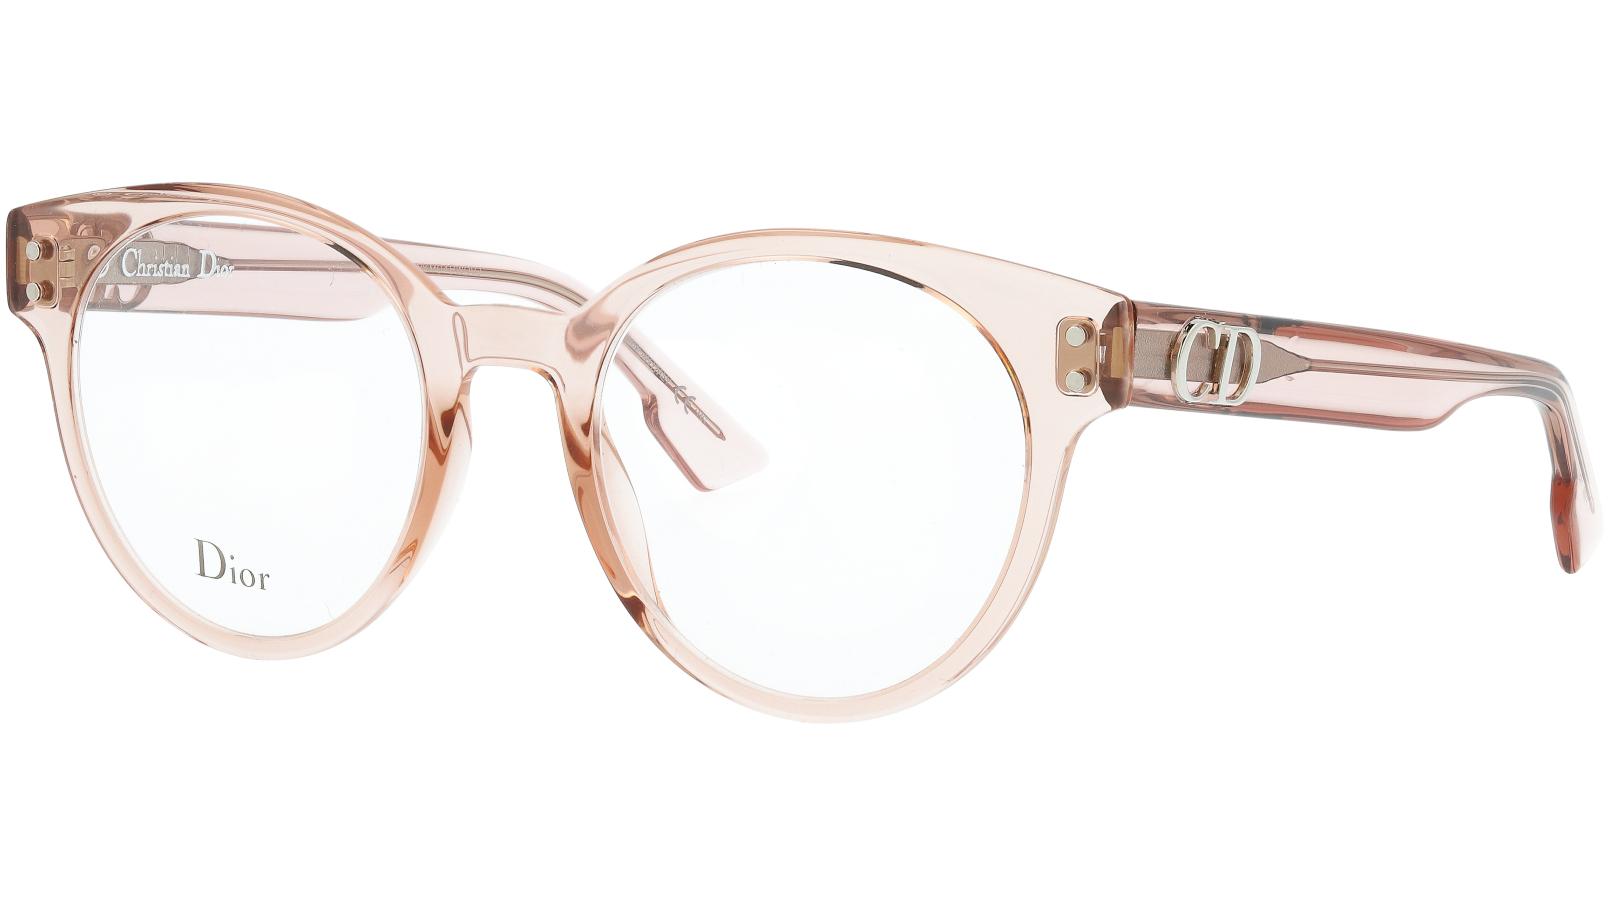 Dior CD3 FWM 49 Nude Glasses